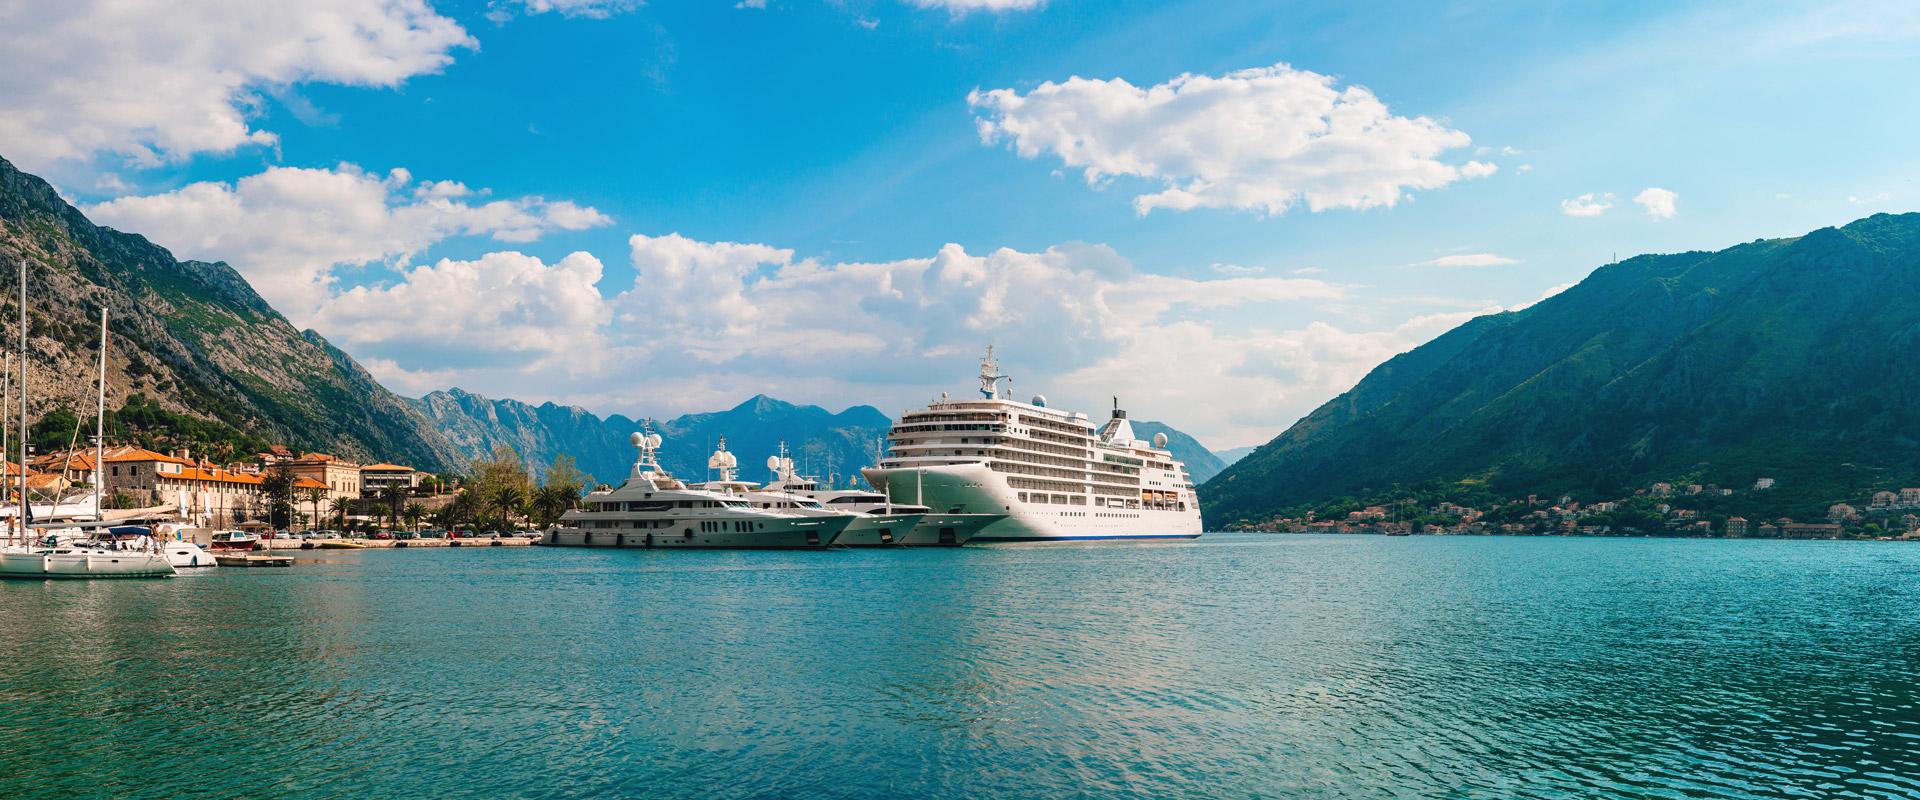 vacance-voyage-croisieres-decouvertes-tout-inclus-header-bg-1920x800-005